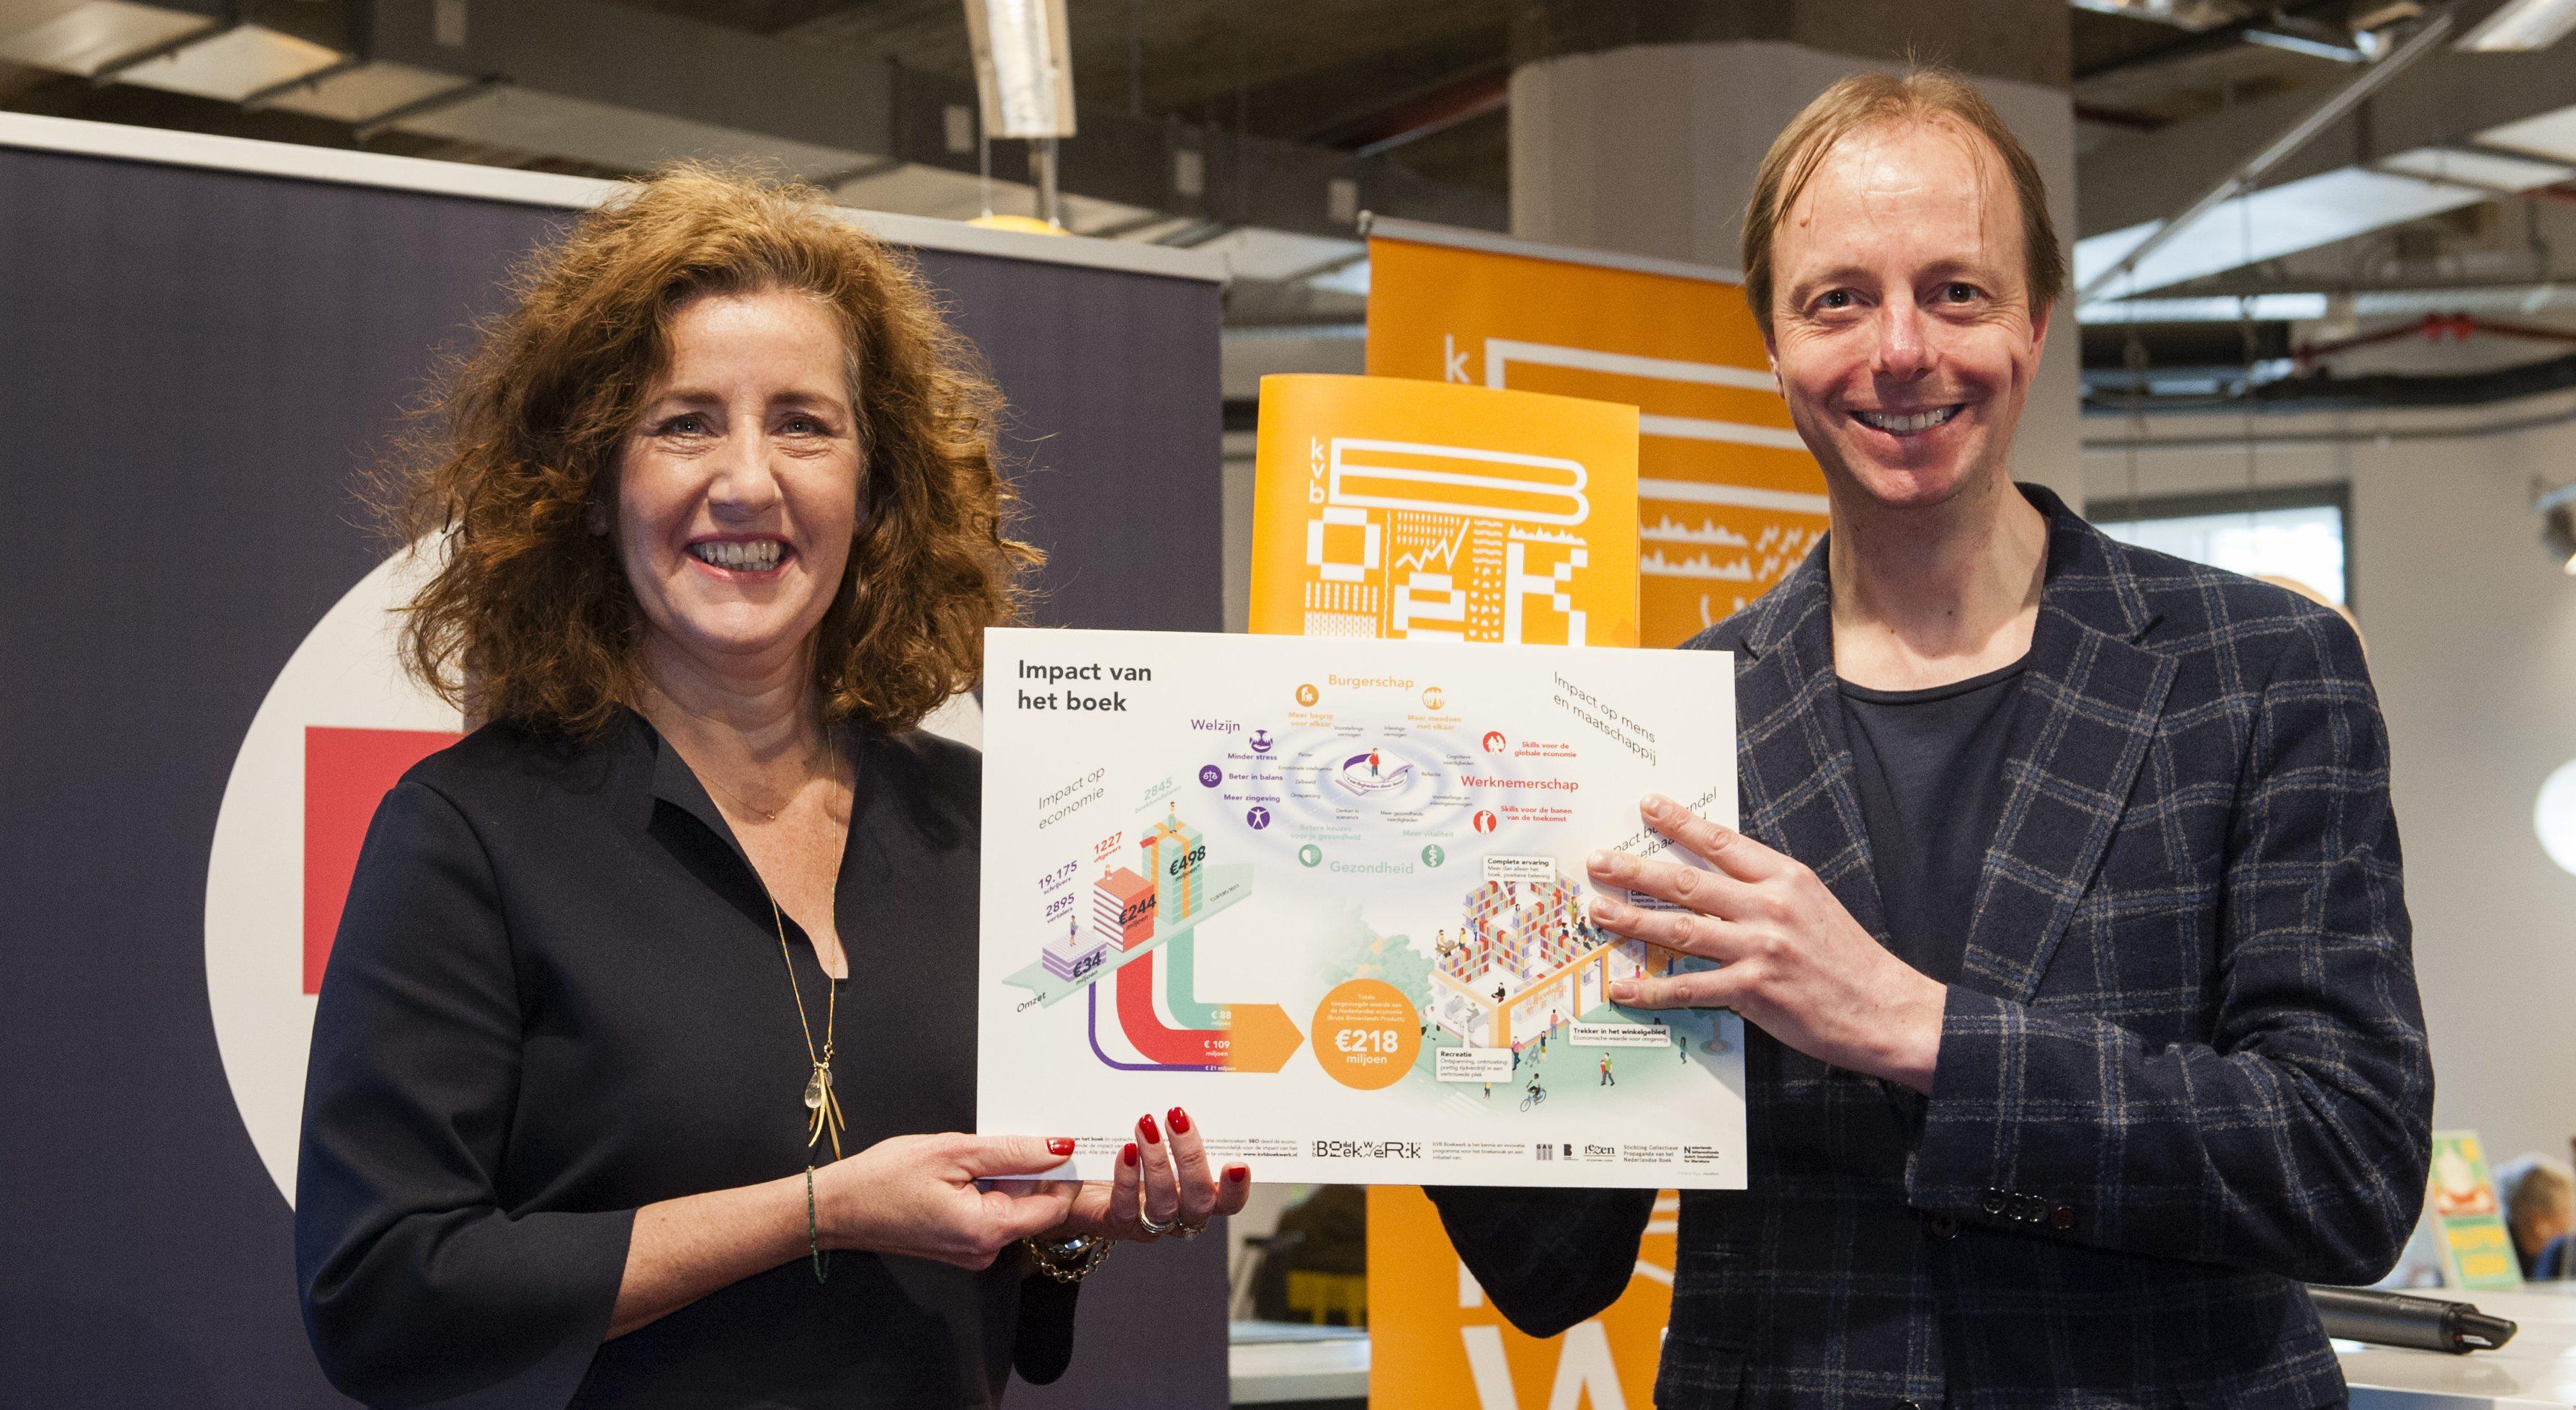 Minister Ingrid van Engelshoven (van OCW) ontvangt het rapport over impact van het boek uit handen van Eelco Zuidervaart (directeur van boekhandel Donner)